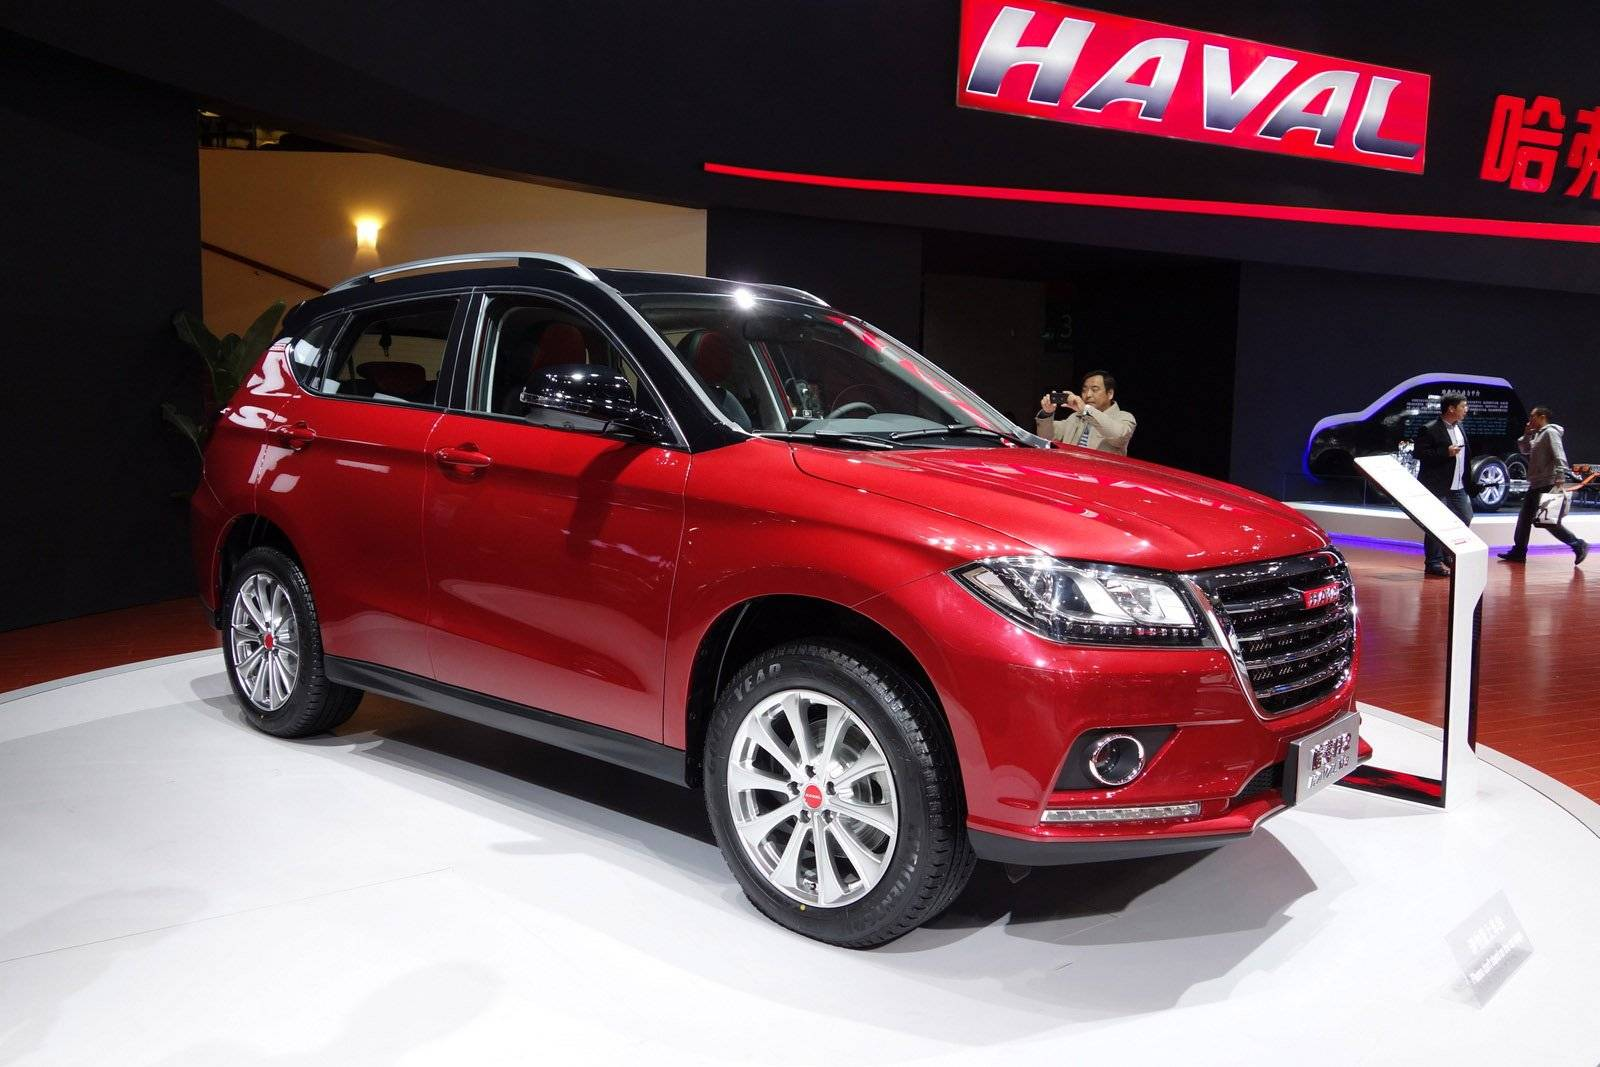 Аналитики рассказали, как в России продаются китайские автомобили с пробегом